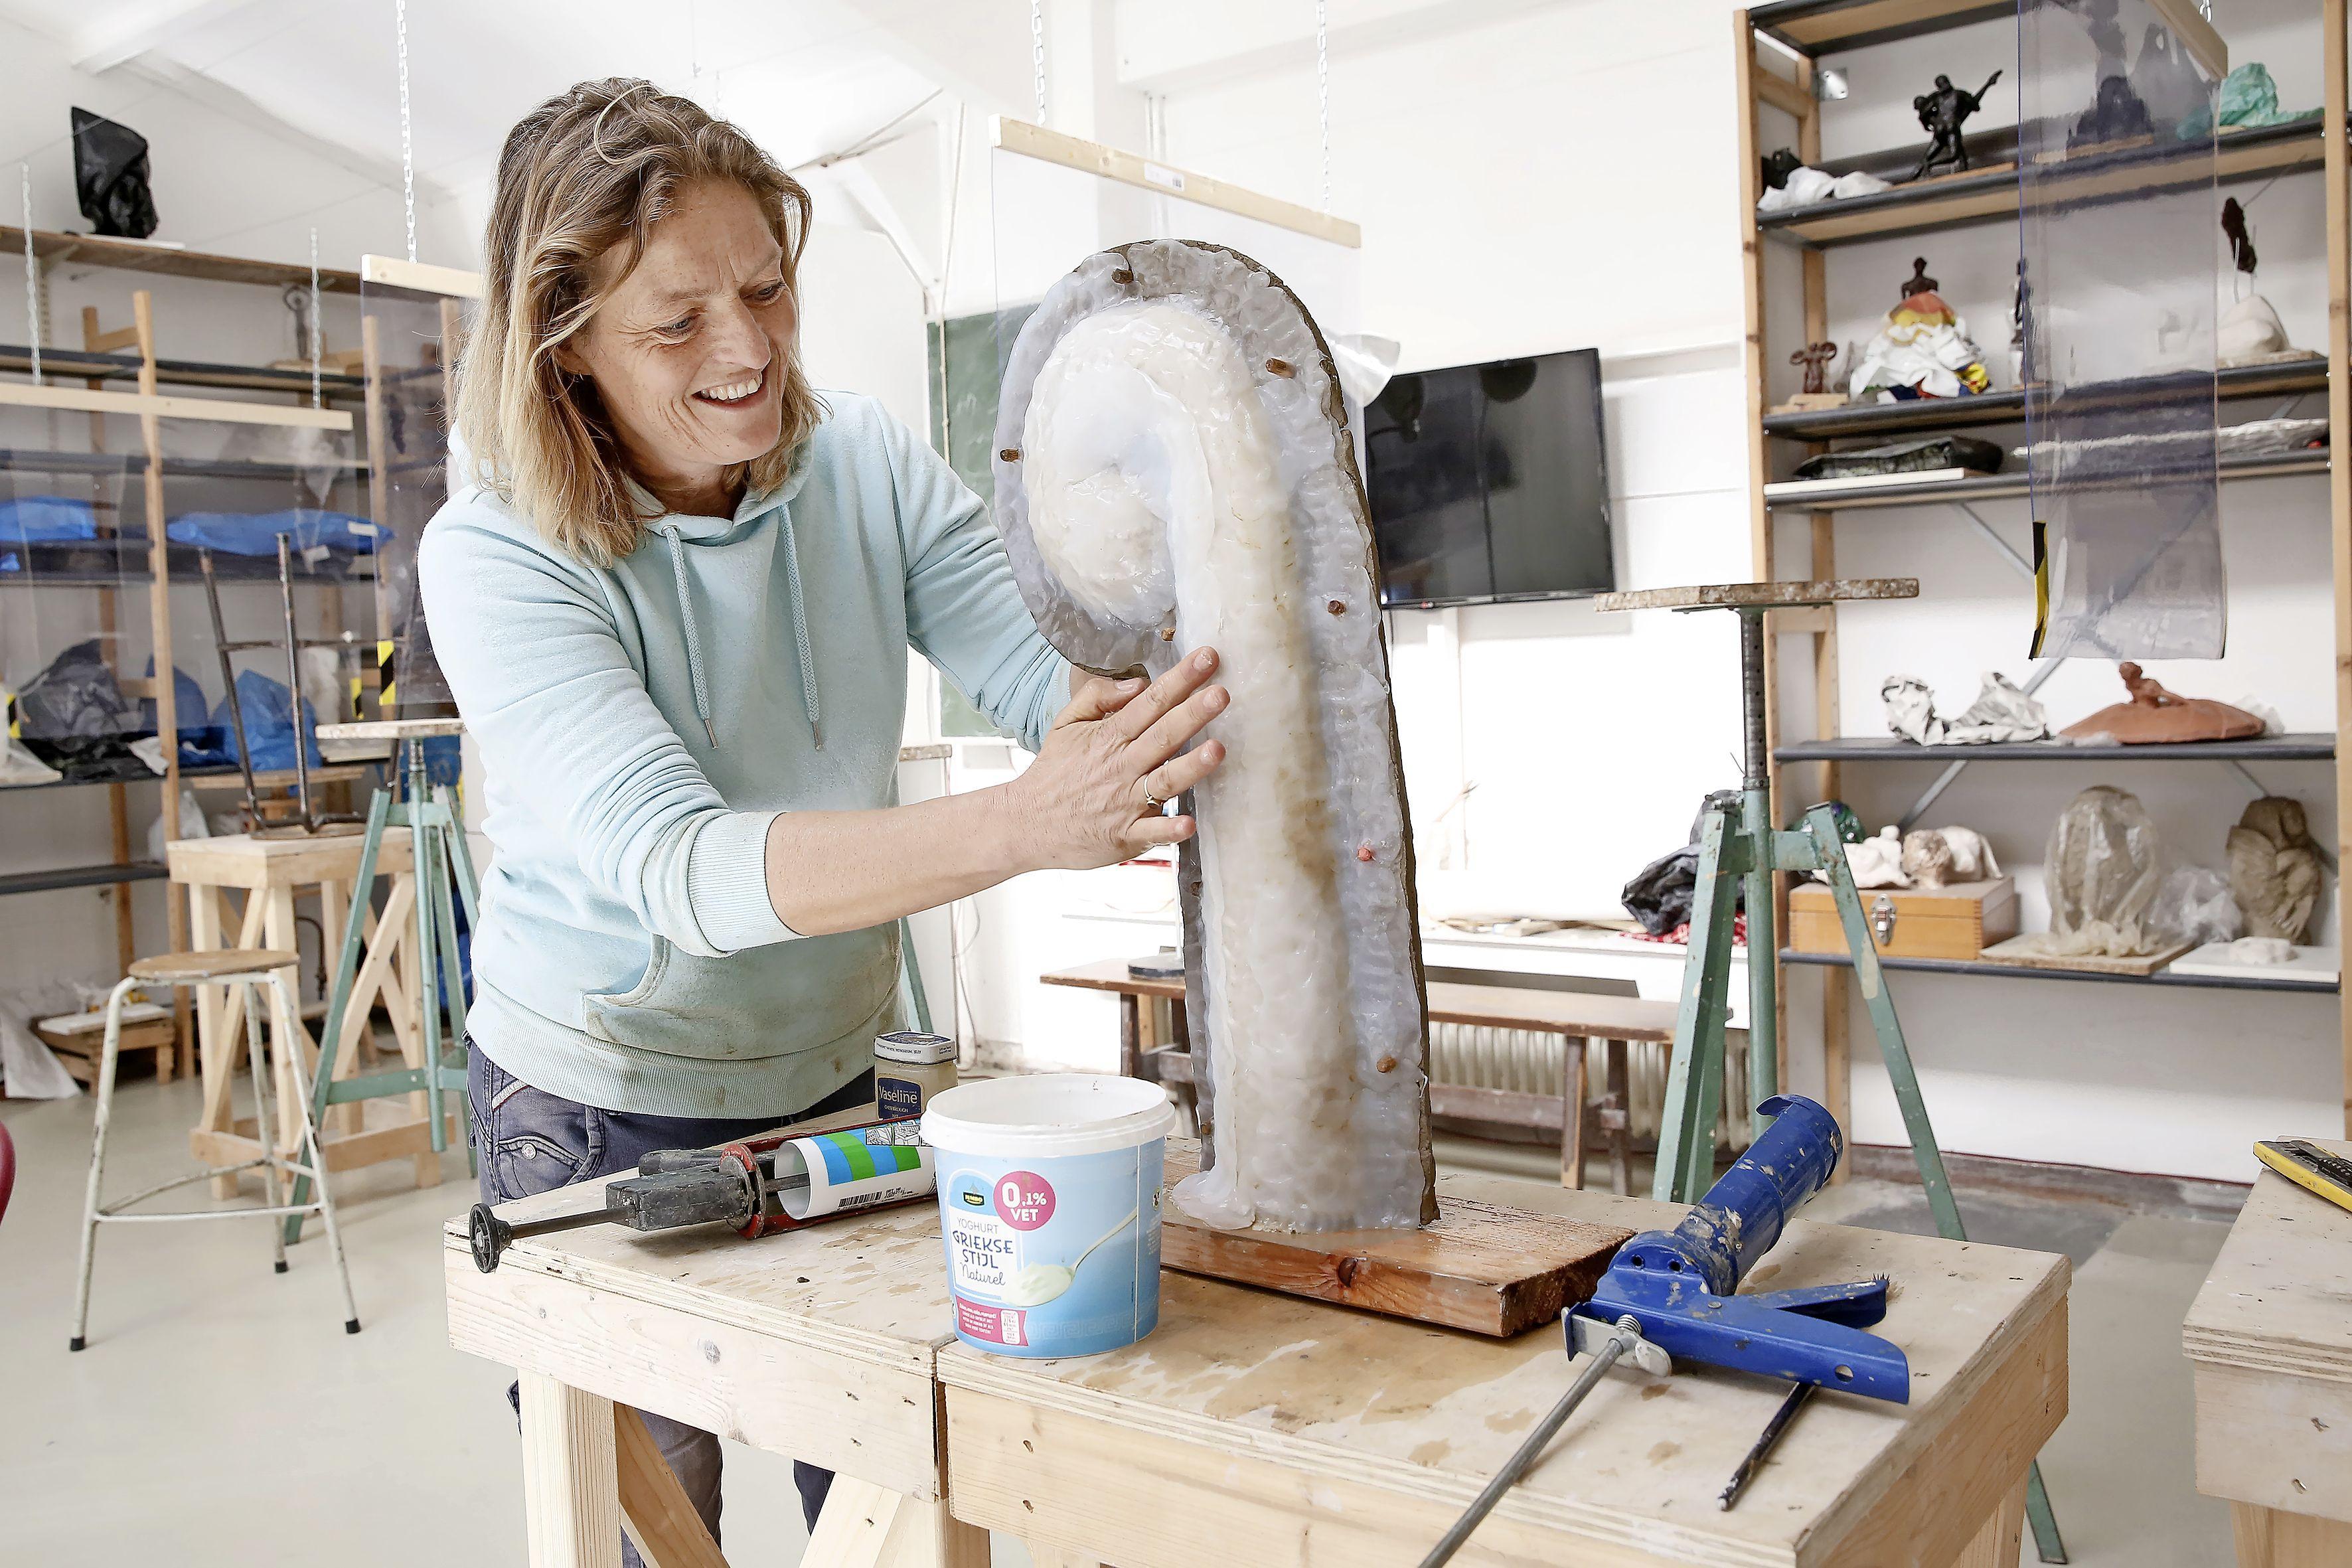 'True colors' komende vijf jaar op Veerplein in Bussum: vijf waterstralen van epoxy